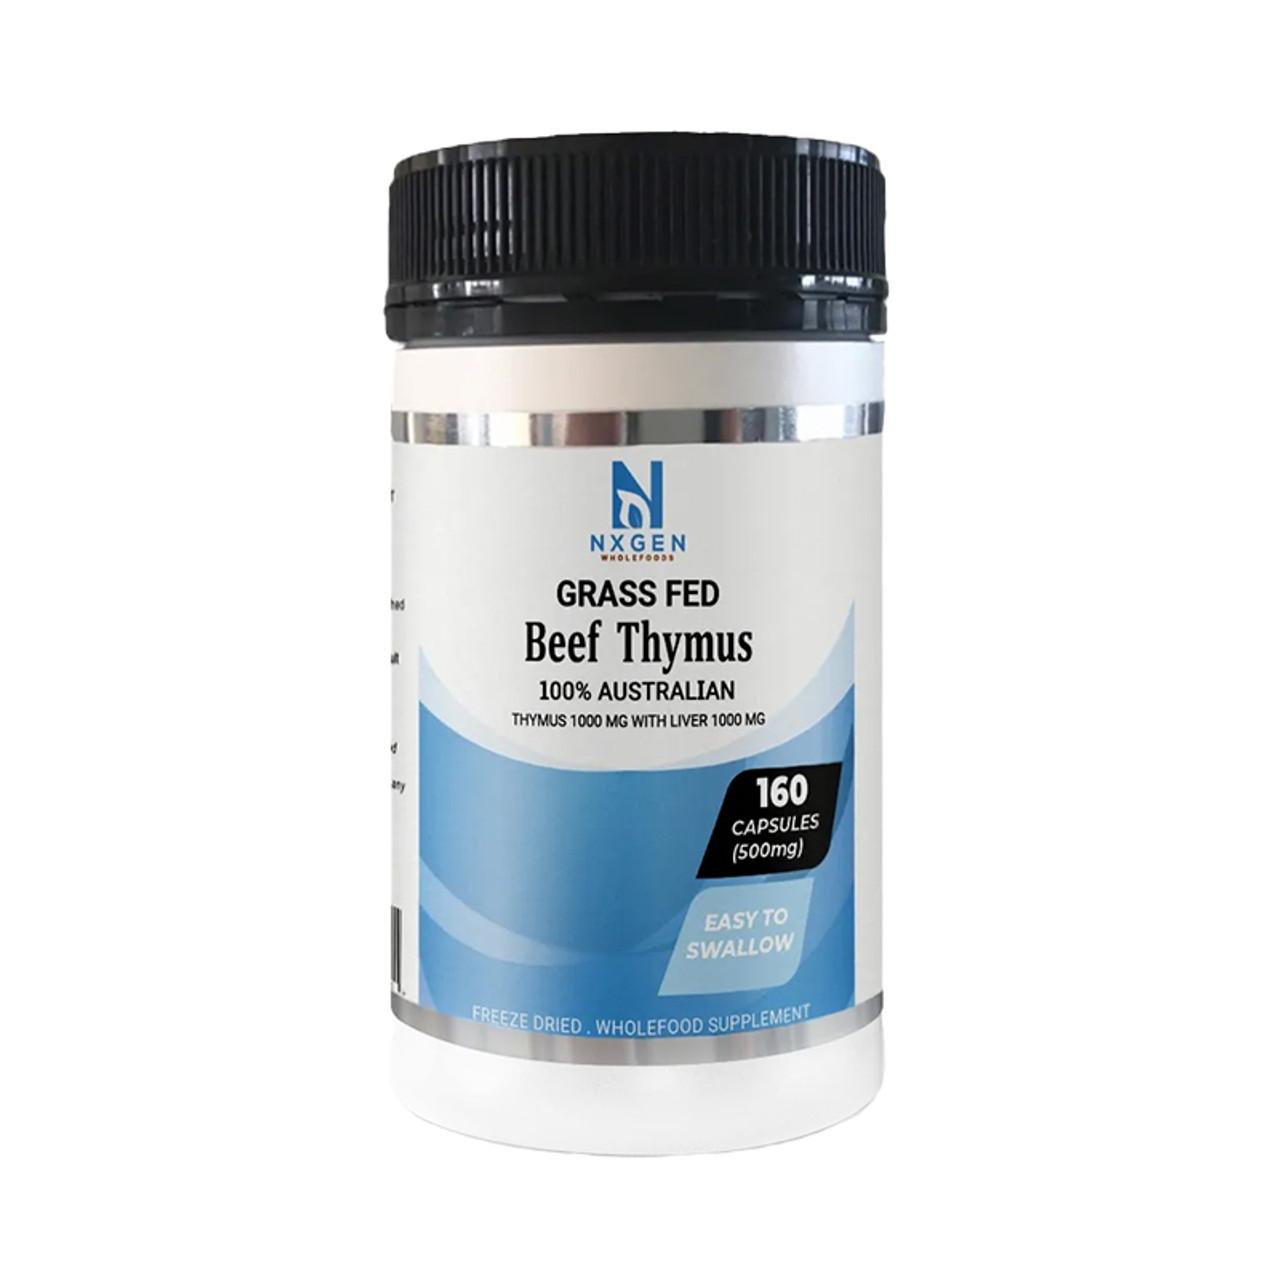 Front view of a bottle of NXGEN 100% Australian Grass-Fed Beef Thymus.